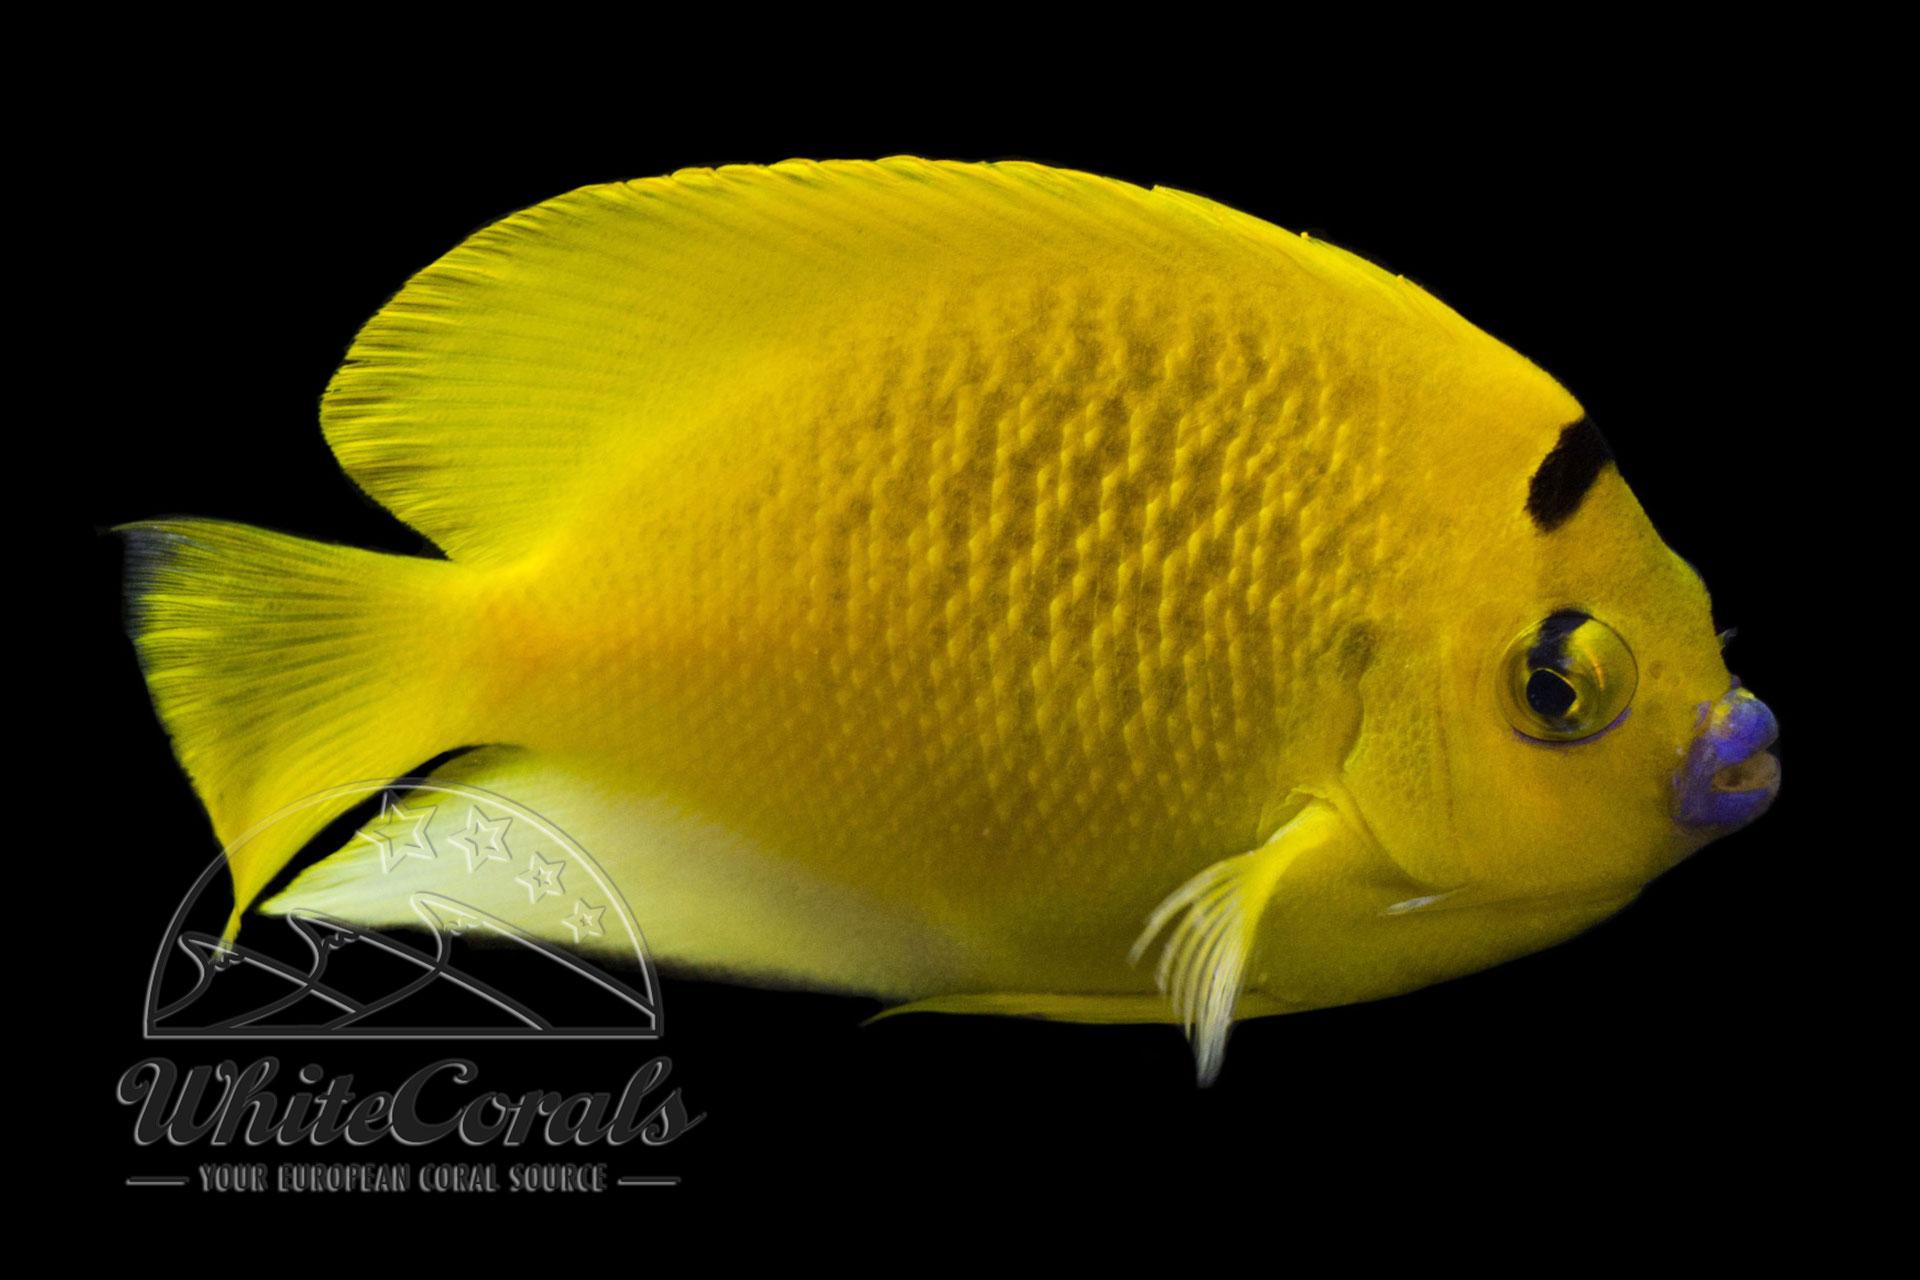 apolemichthys trimaculatus dreipunkt kaiserfisch online kaufen. Black Bedroom Furniture Sets. Home Design Ideas